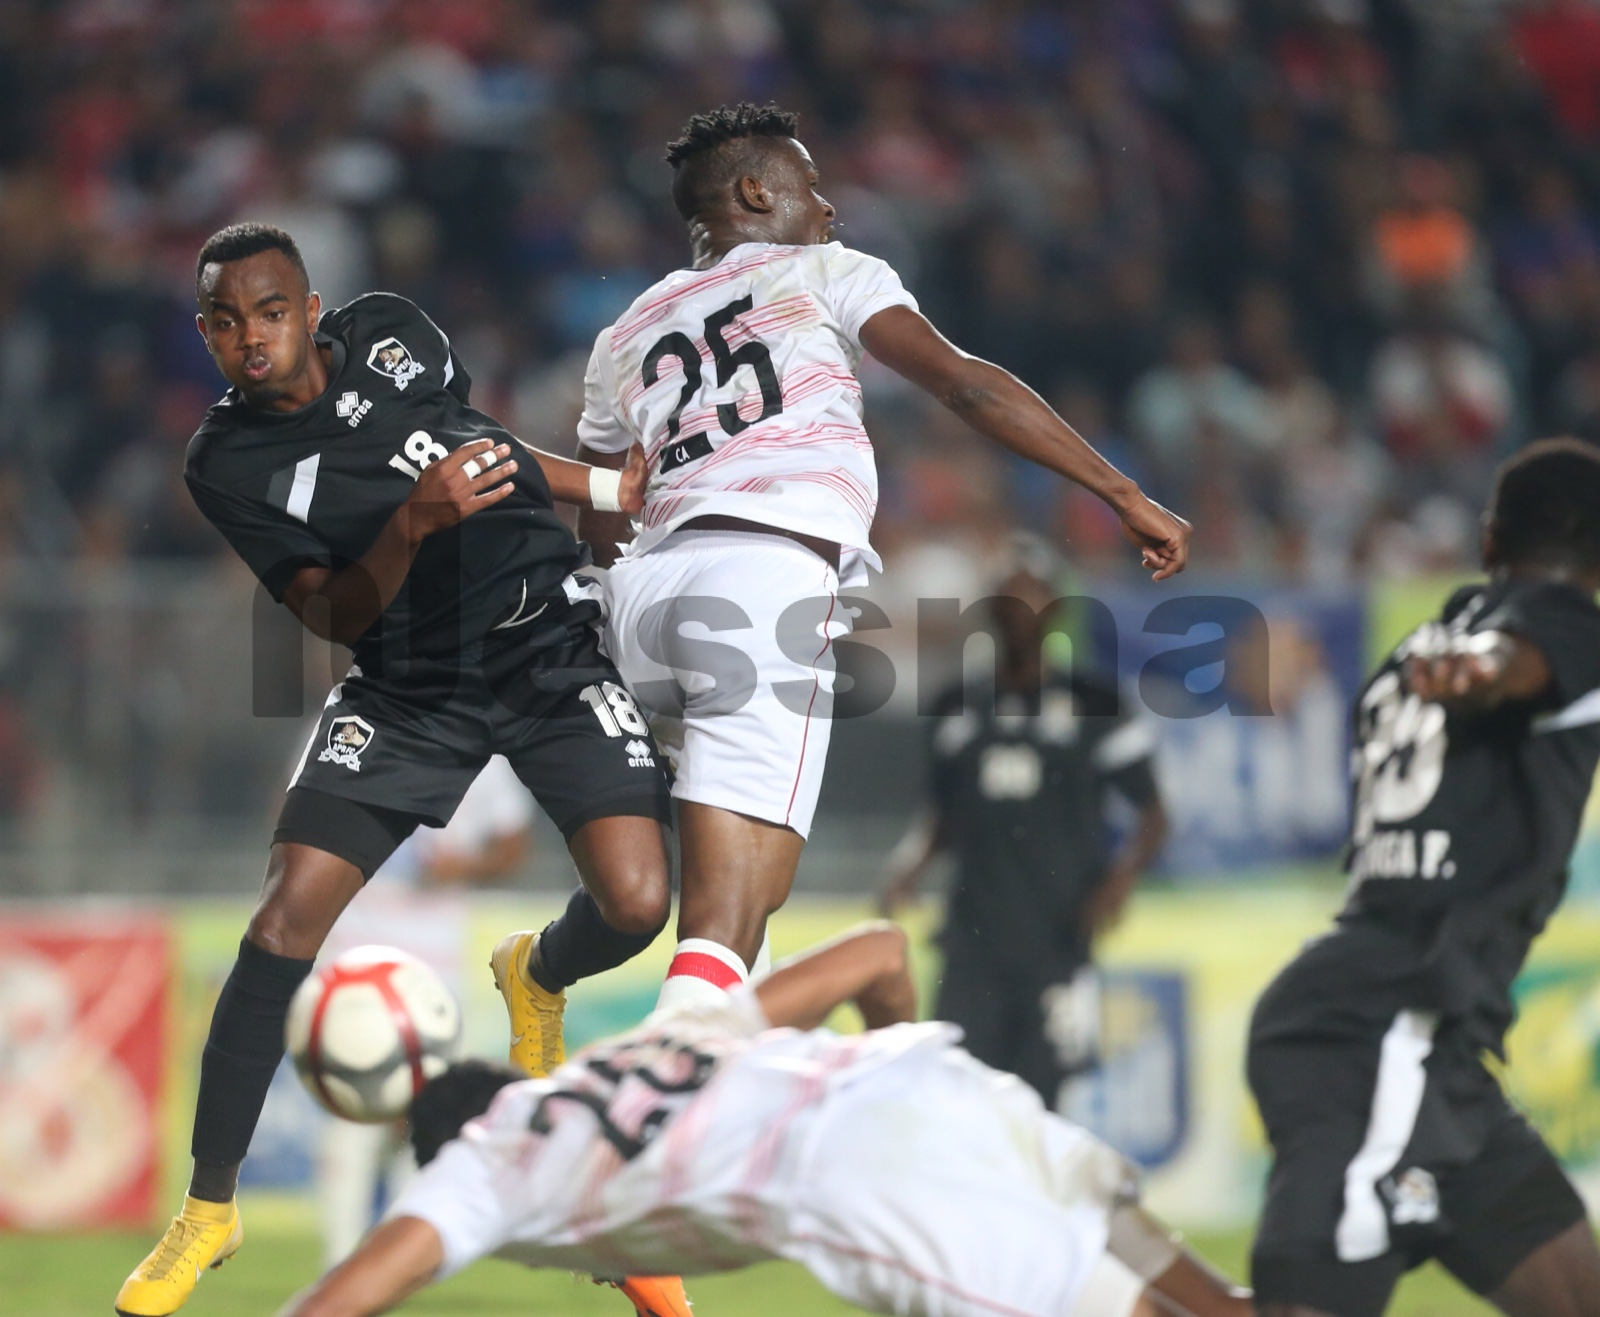 صور الشوط الأول من مباراة النادي الإفريقي و الجيش الرواندي